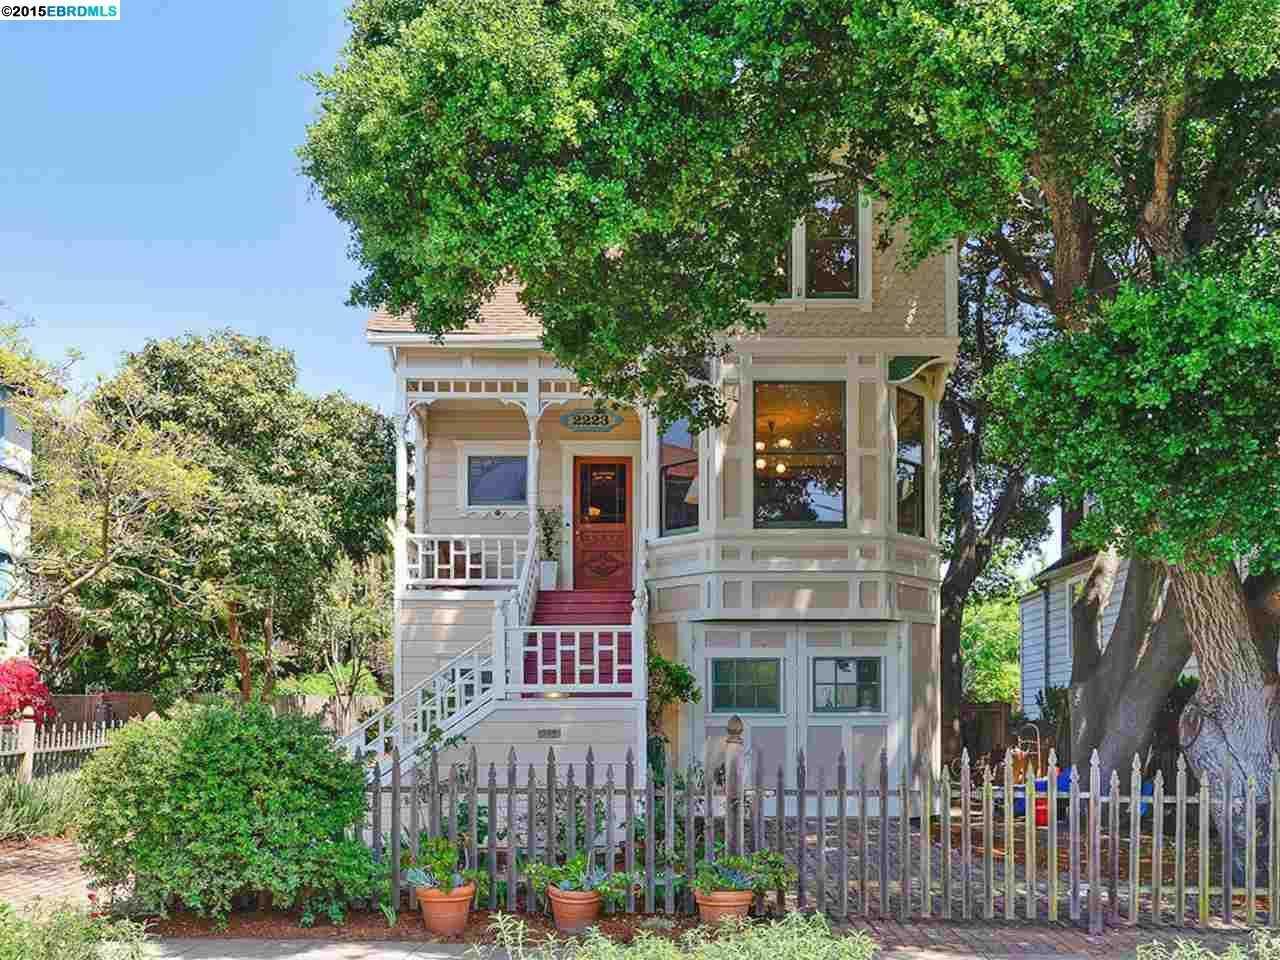 2223 Grant St Berkeley, CA 94703